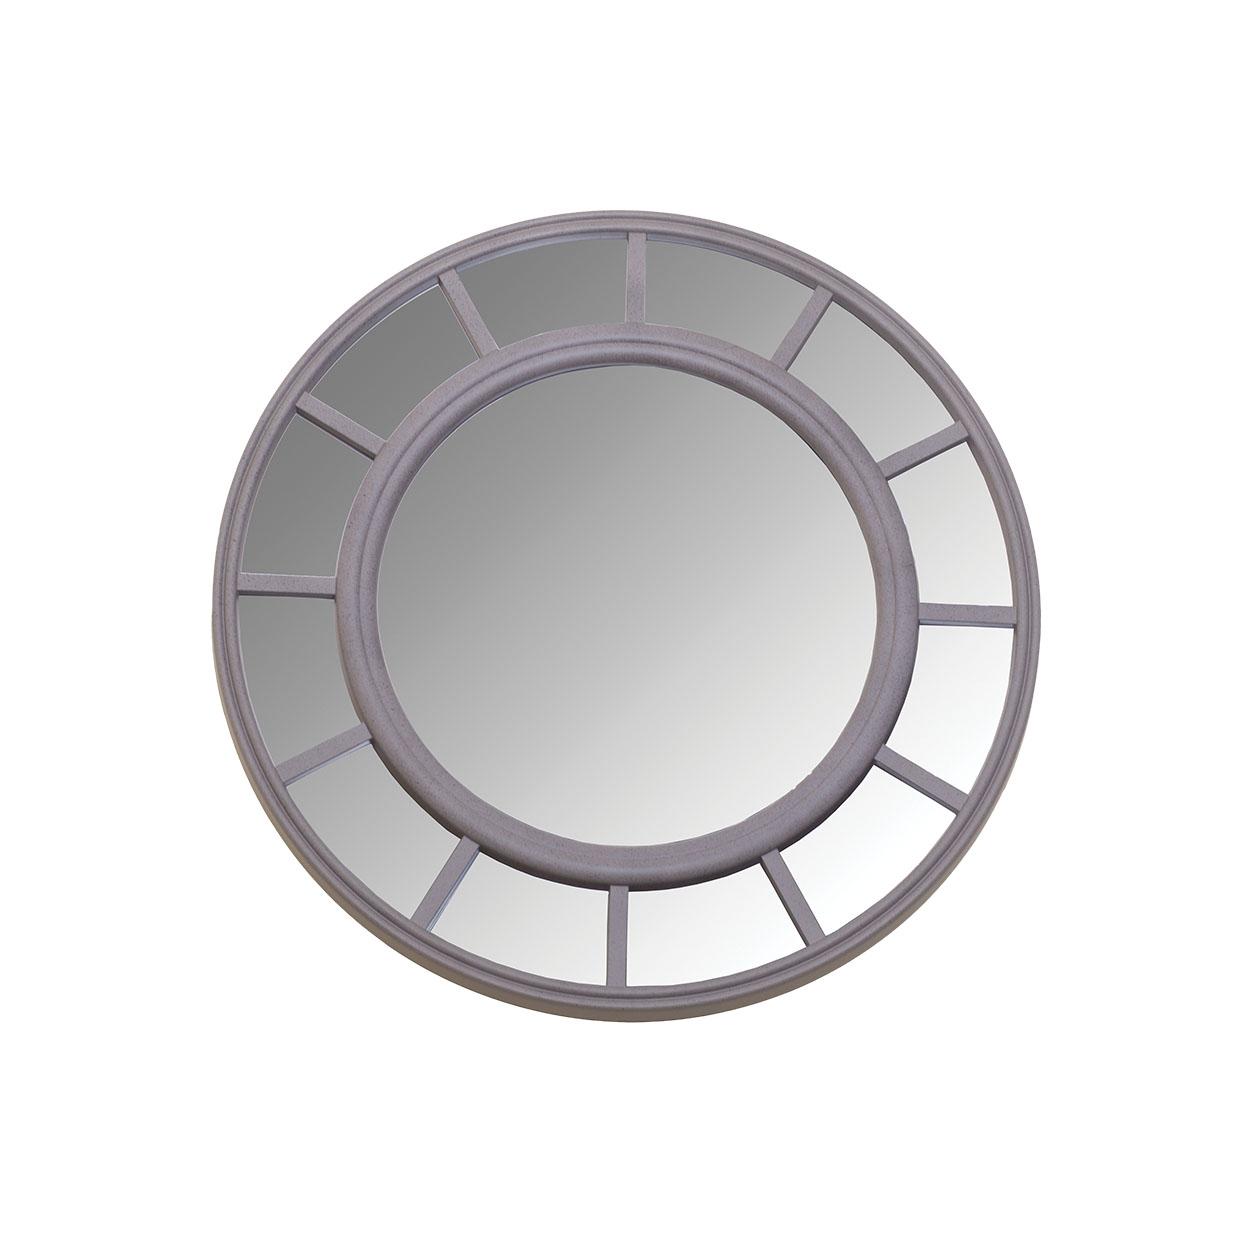 ЗеркалоНастенные зеркала<br><br><br>Material: Пластик<br>Depth см: 2,9<br>Diameter см: 60